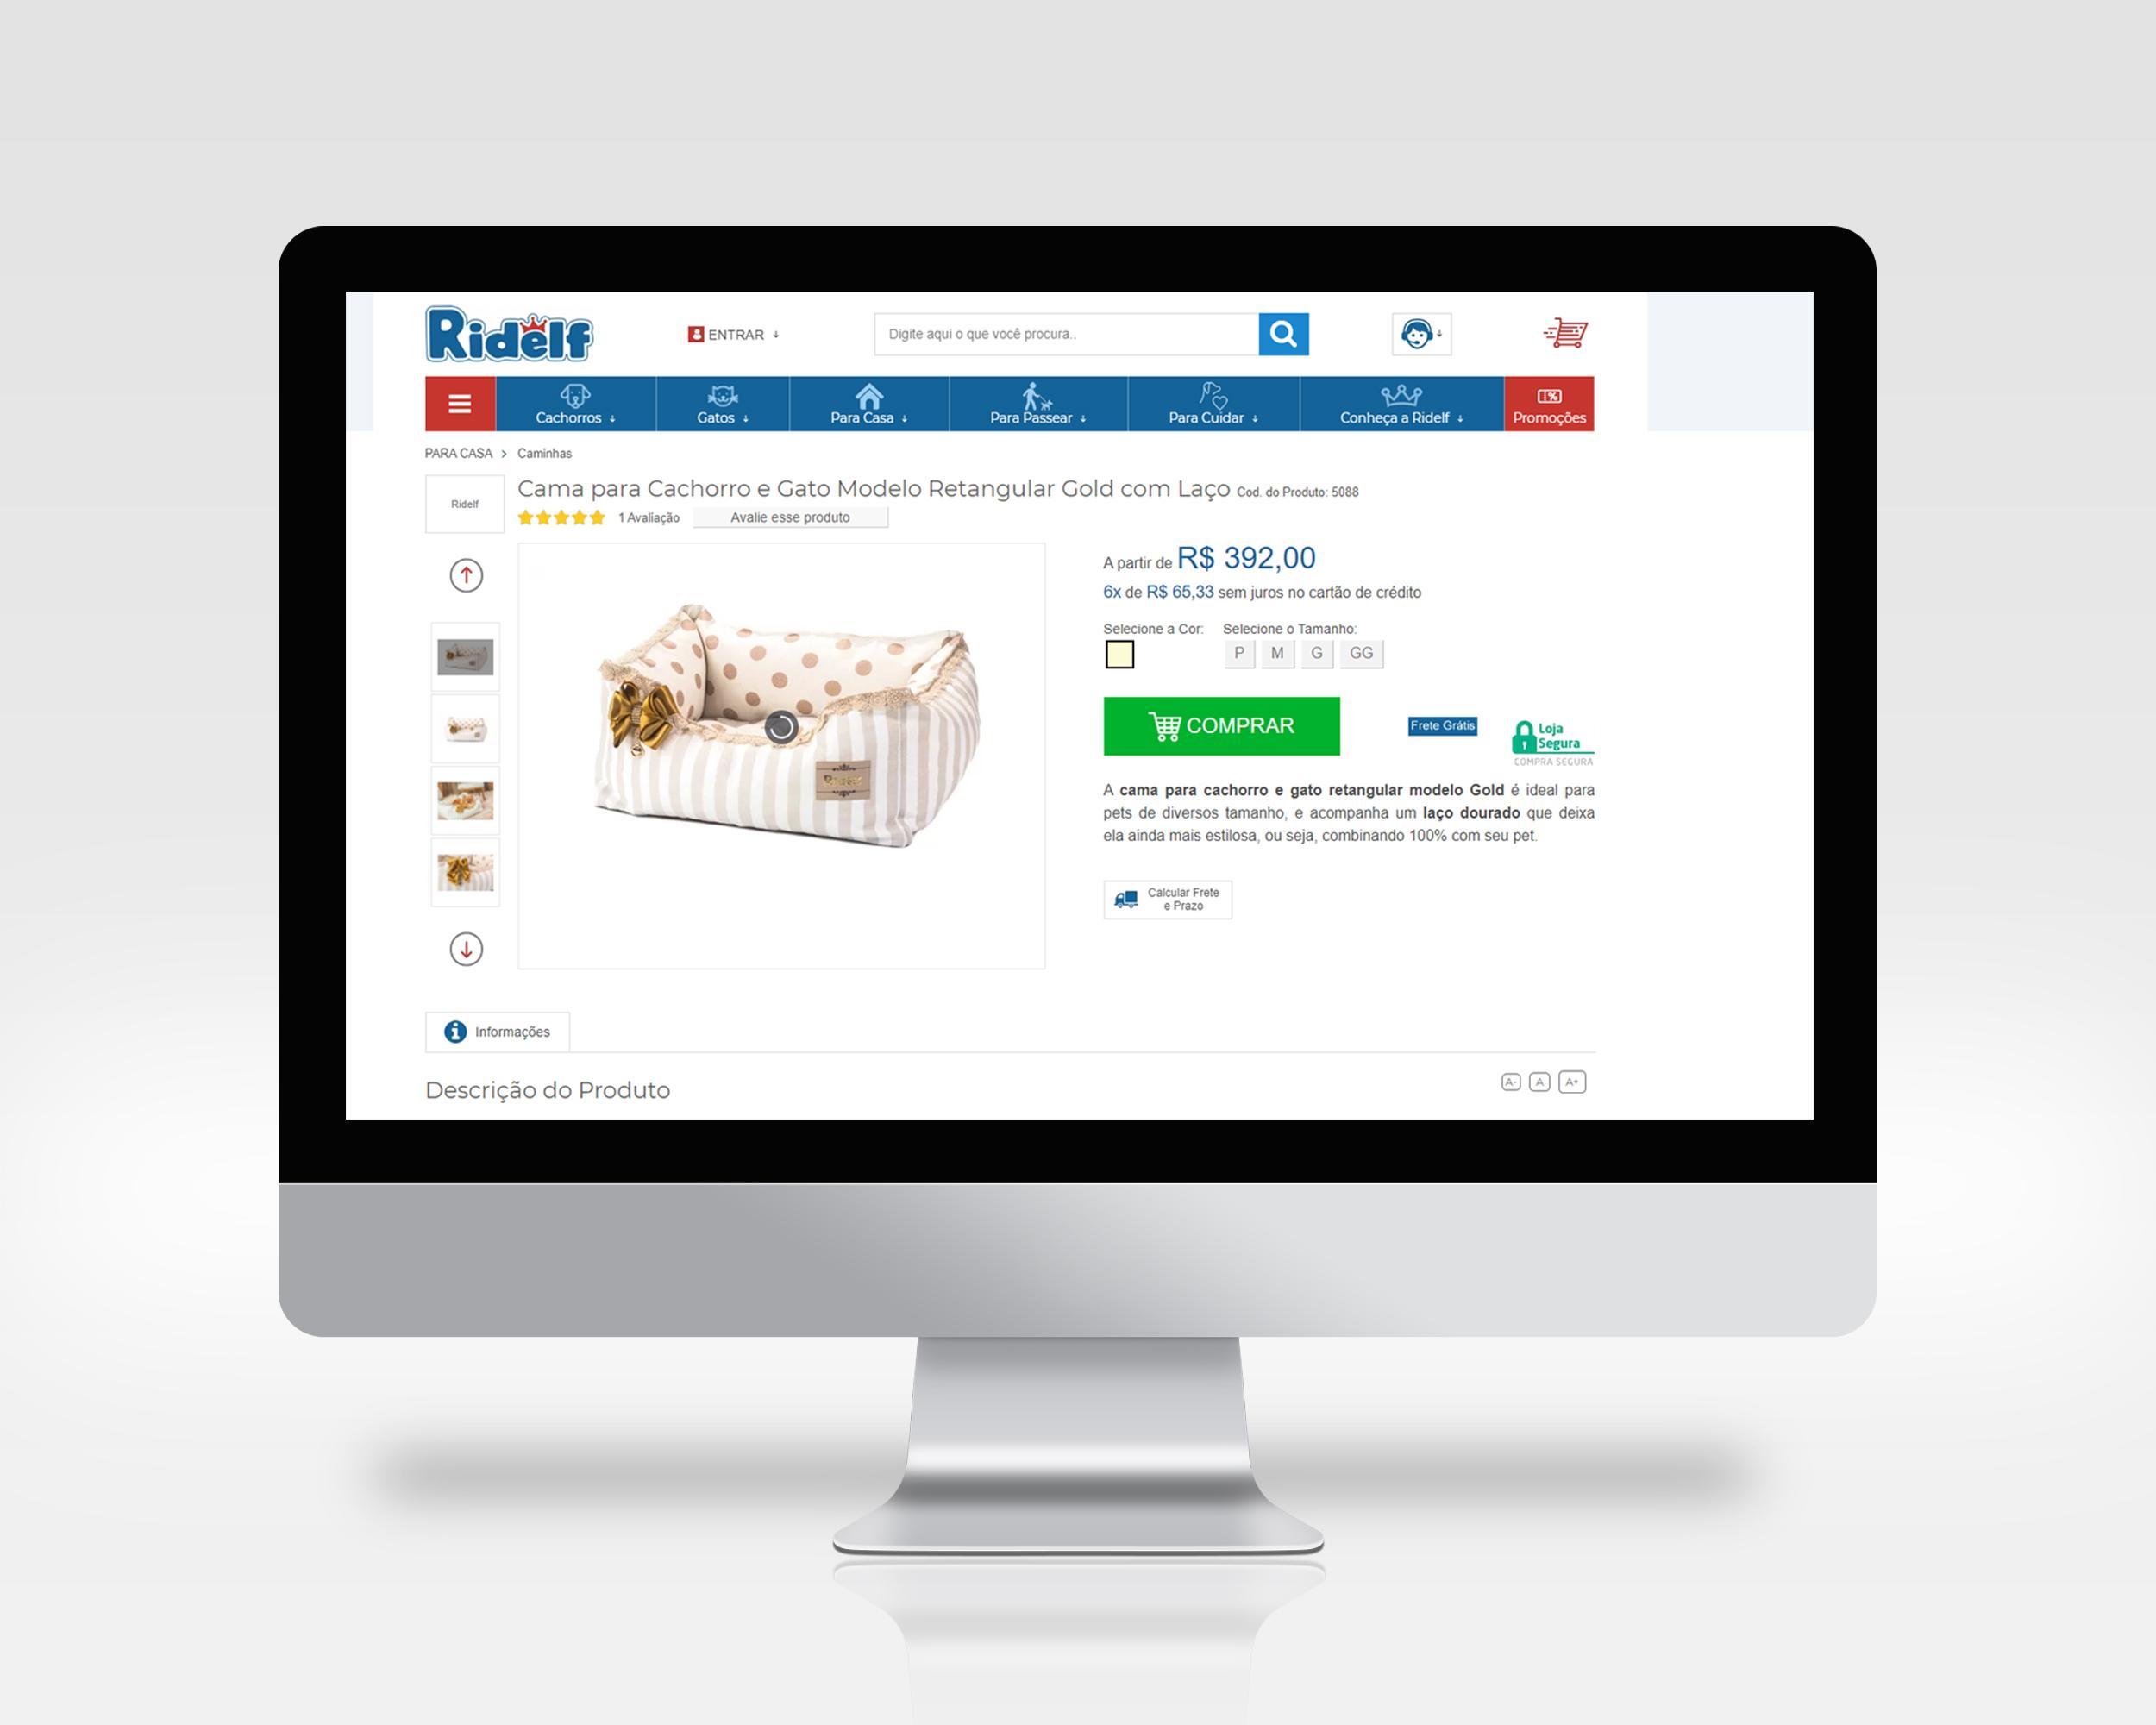 Cadastro de produto com informações adicionais